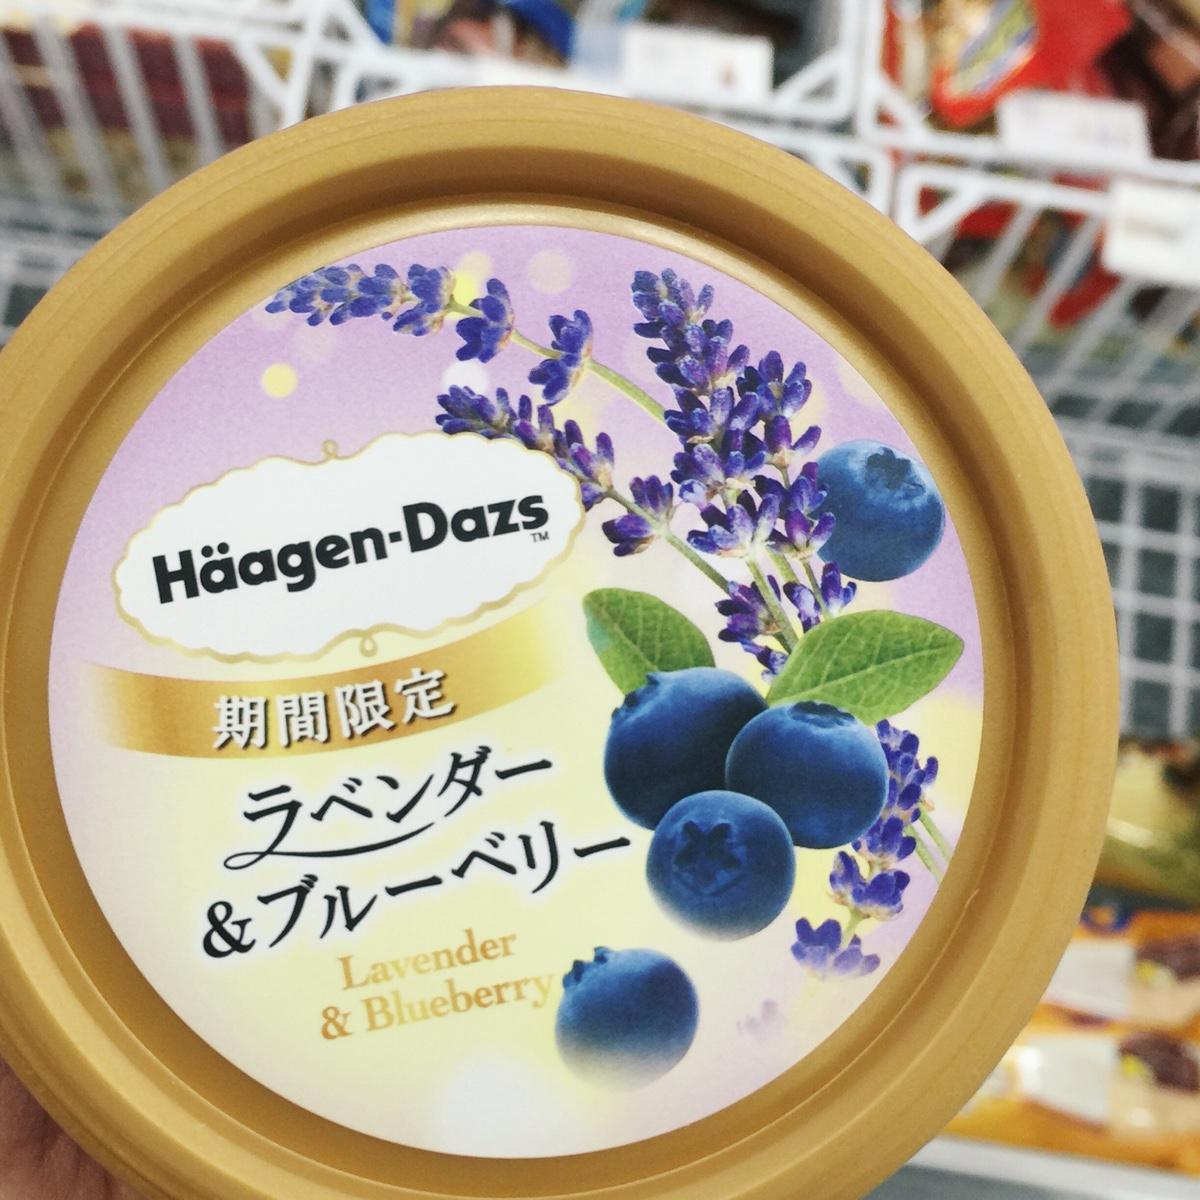 haagen-dazs-lavender-blueberry.jpg